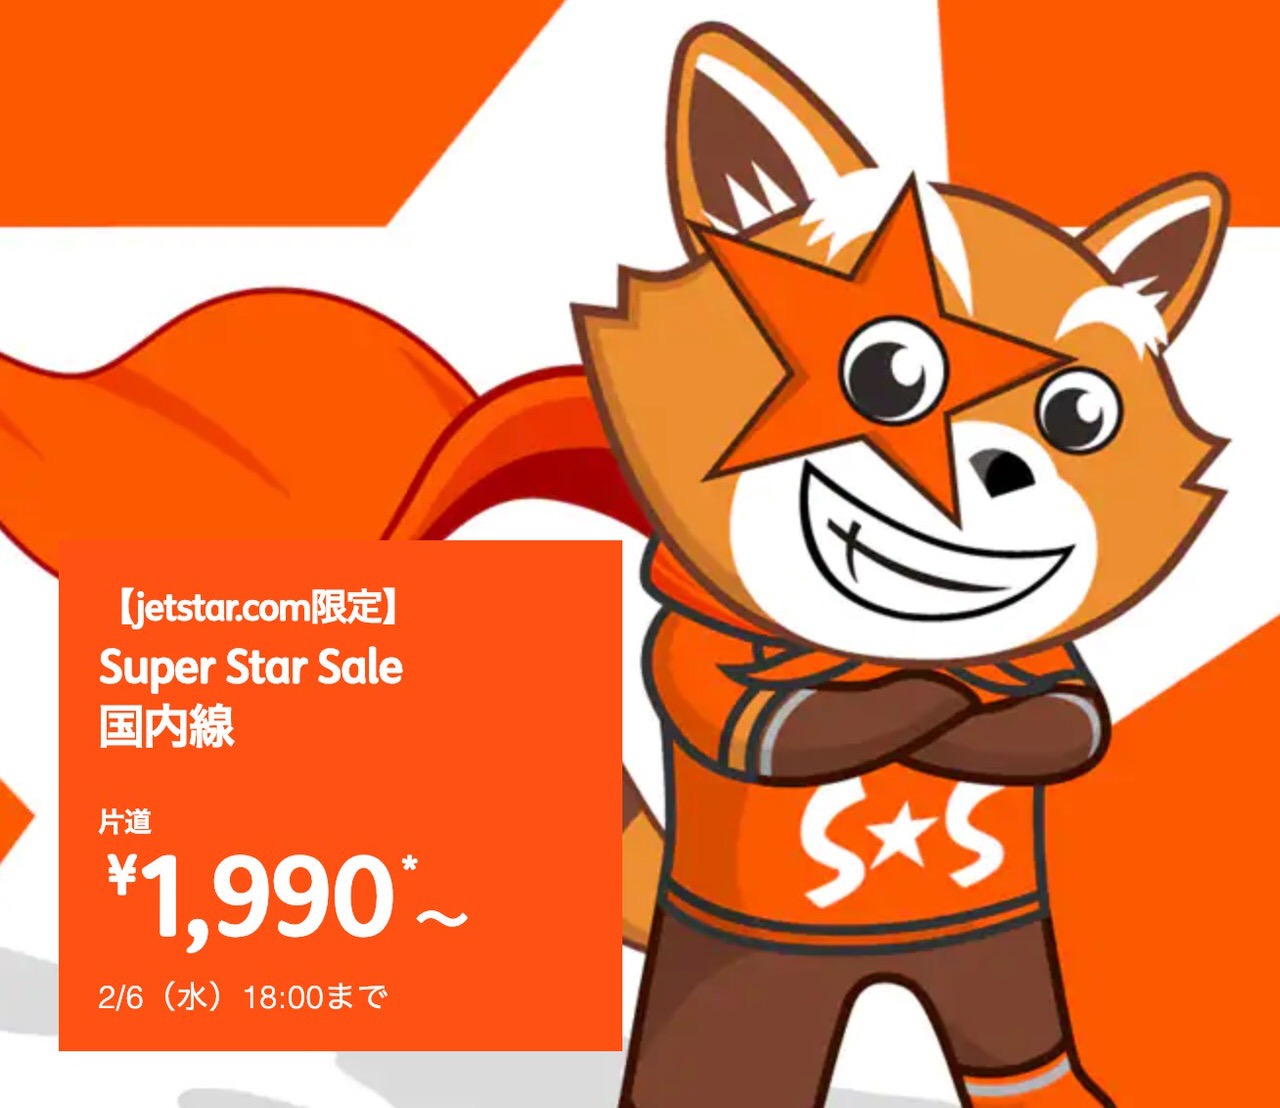 【ジェットスター】国内線片道1,990円〜「スーパースターセール」開催中(2/6まで)